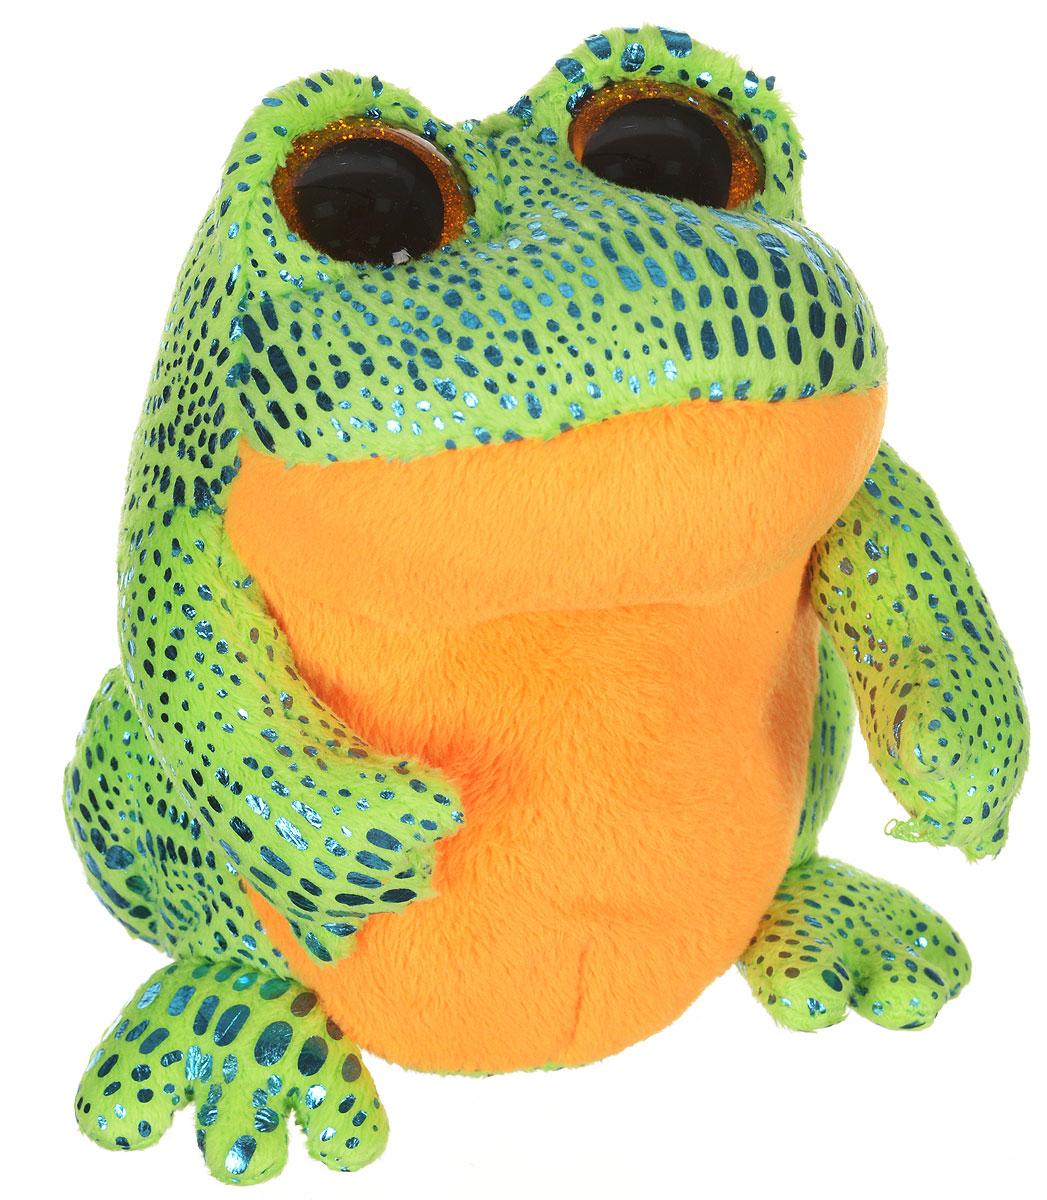 TY Мягкая игрушка Лягушка Speckles 15 см36123Мягкая игрушка TY Лягушка Speckles - это прекрасный подарок для вашего малыша. Модель отличается оригинальным дизайном и качественным исполнением. Игрушка в виде очаровательного лягушонка станет верным другом для каждого ребенка, подарит множество приятных мгновений и непременно поднимет настроение. Специальные гранулы, используемые при набивке, способствуют развитию мелкой моторики рук.